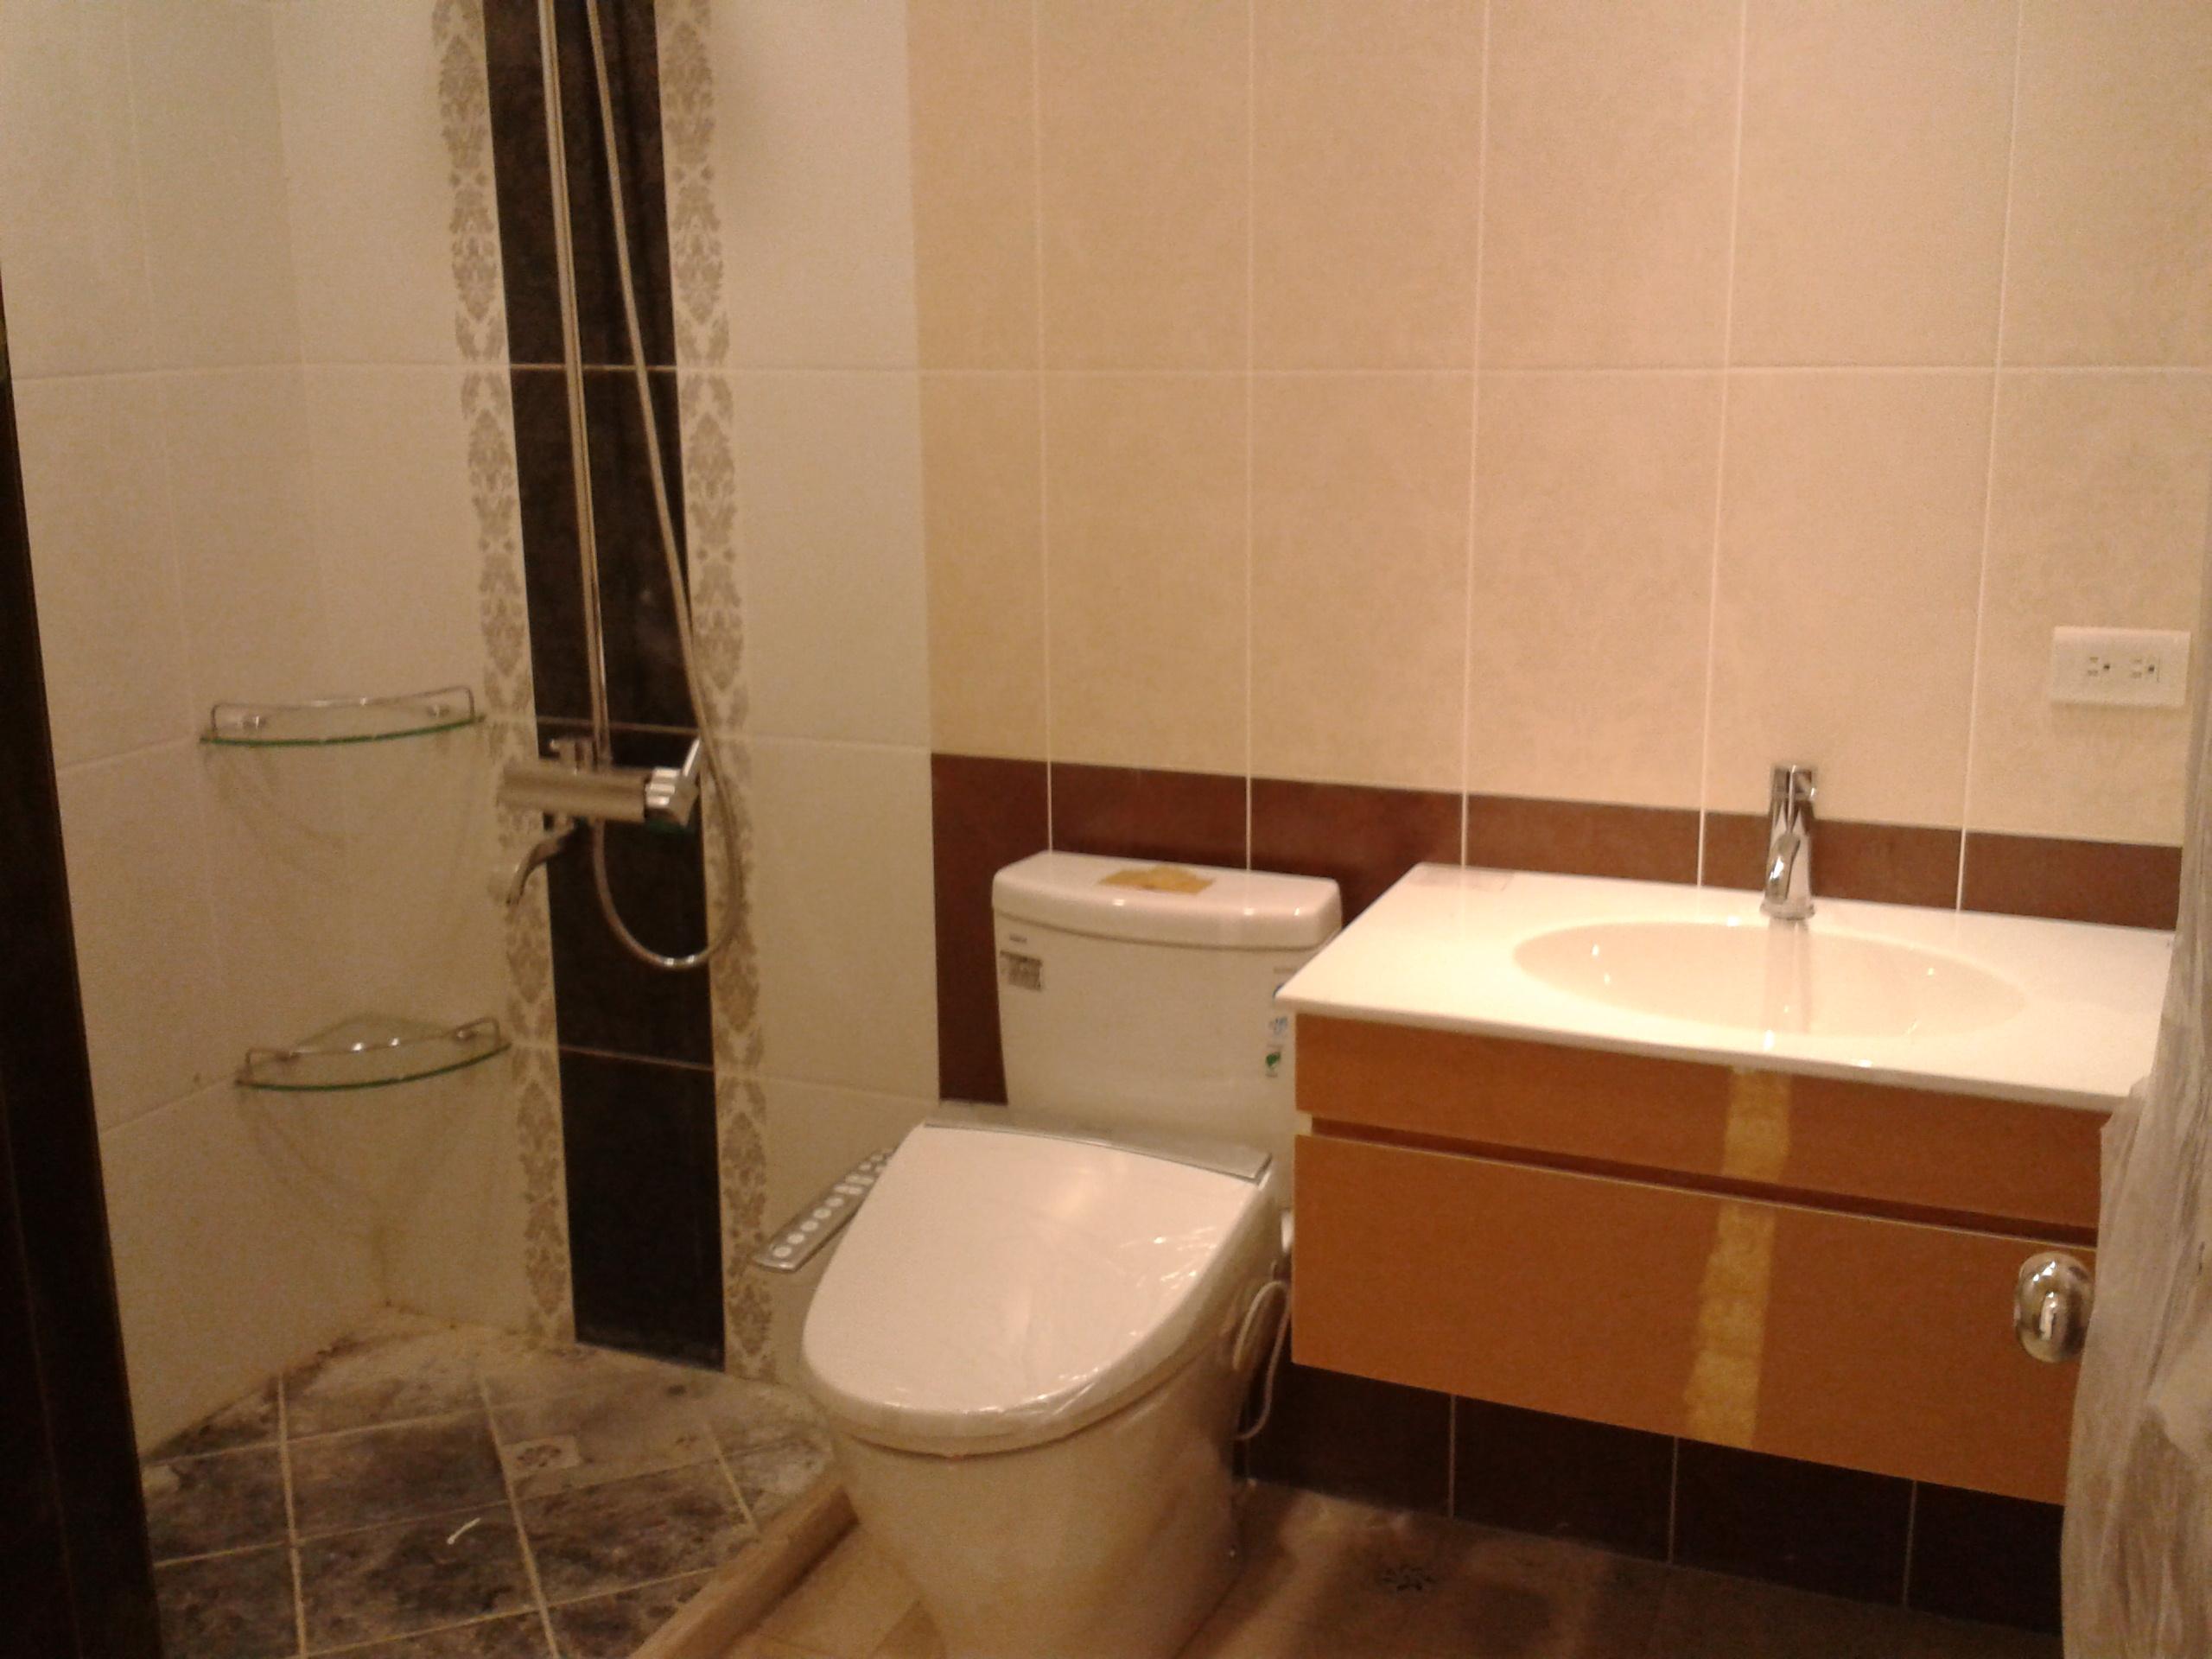 台北市住家廁所洗手台安裝馬桶安裝 (3).jpg